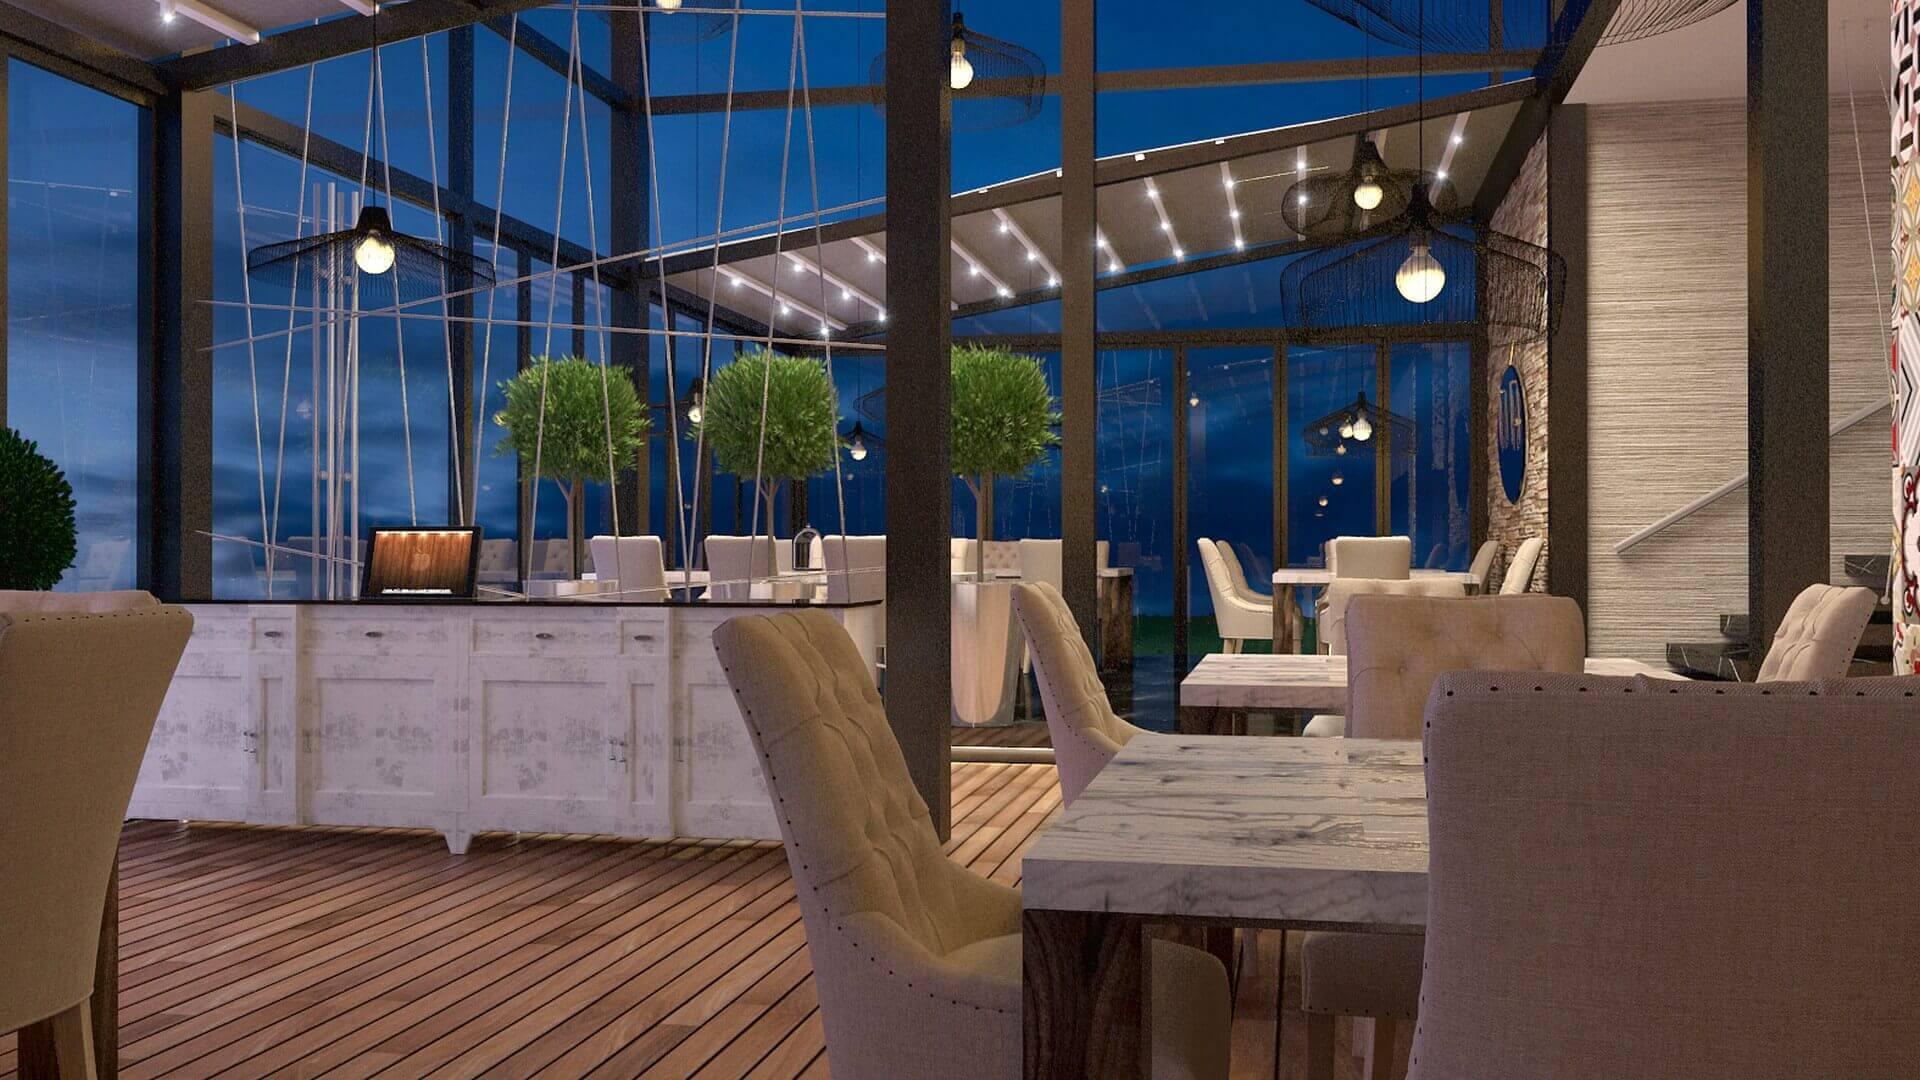 İskenderun 2093 Iskenderun Restaurant Restaurants